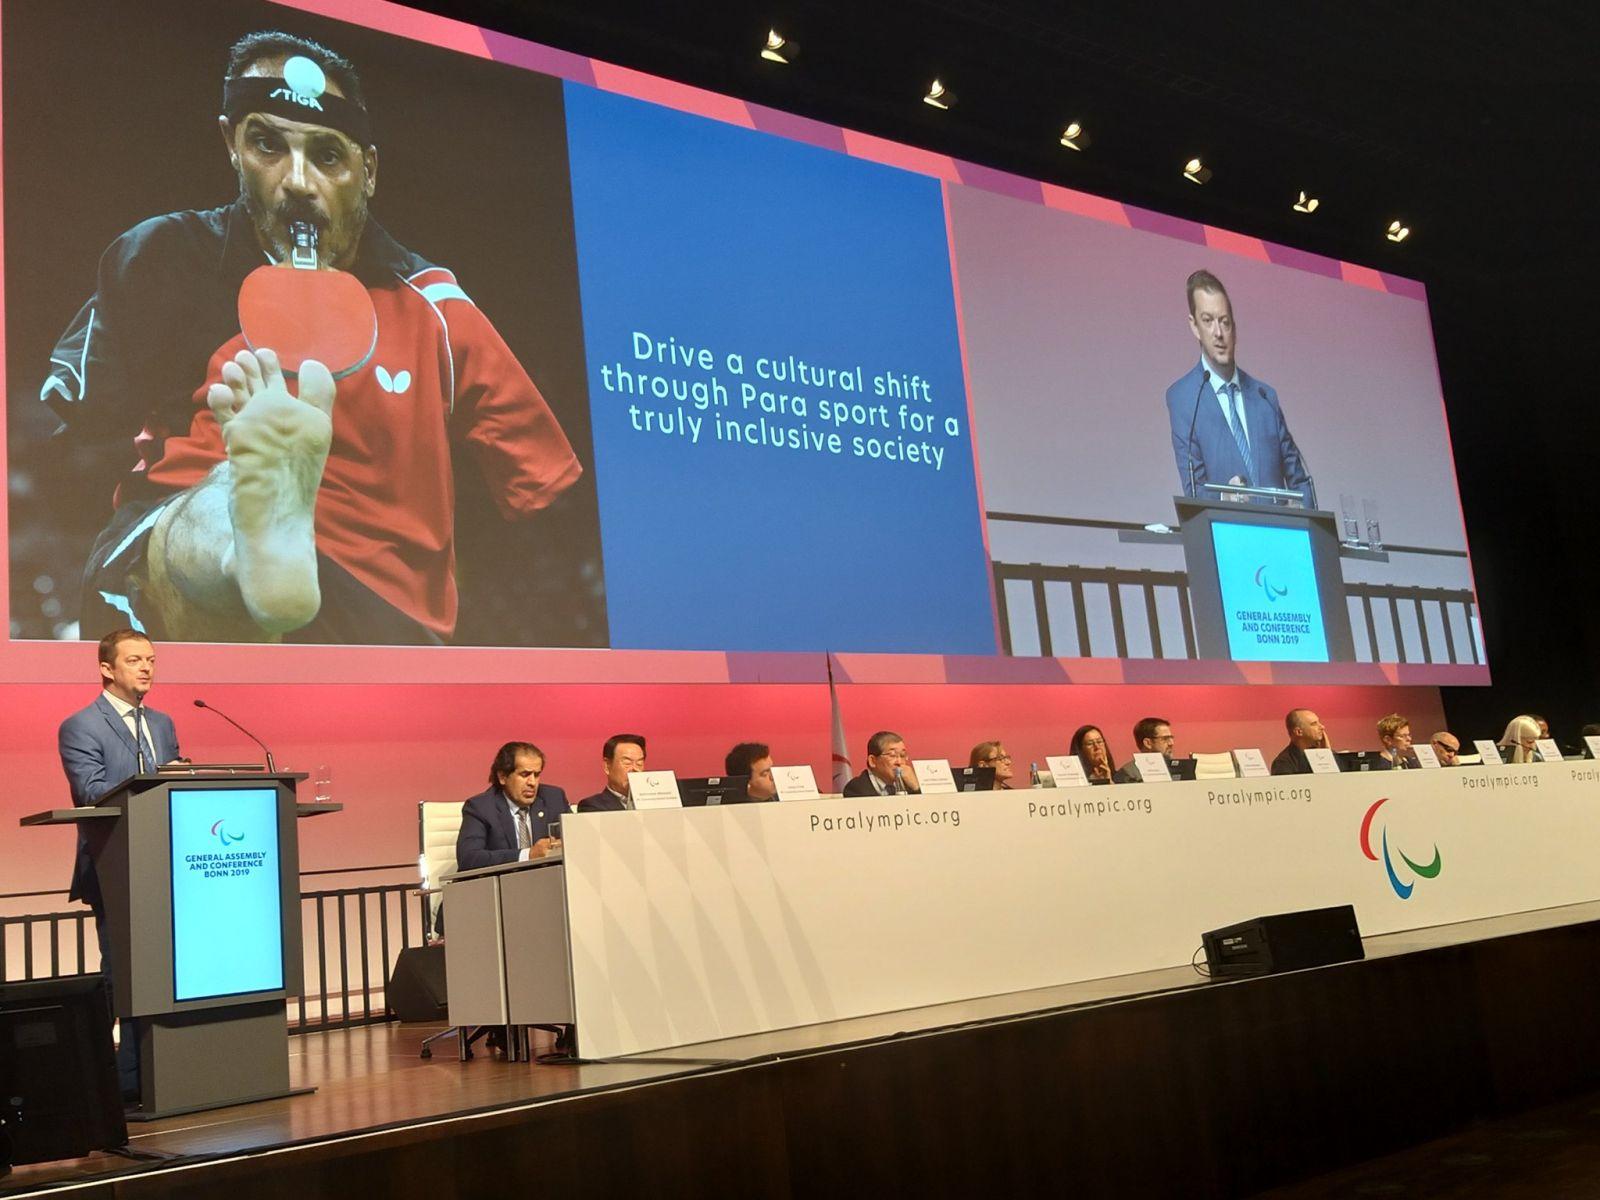 В.П. Лукин, П.А. Рожков в г. Бонне (Германия) приняли участие в Генеральной Ассамблее МПК